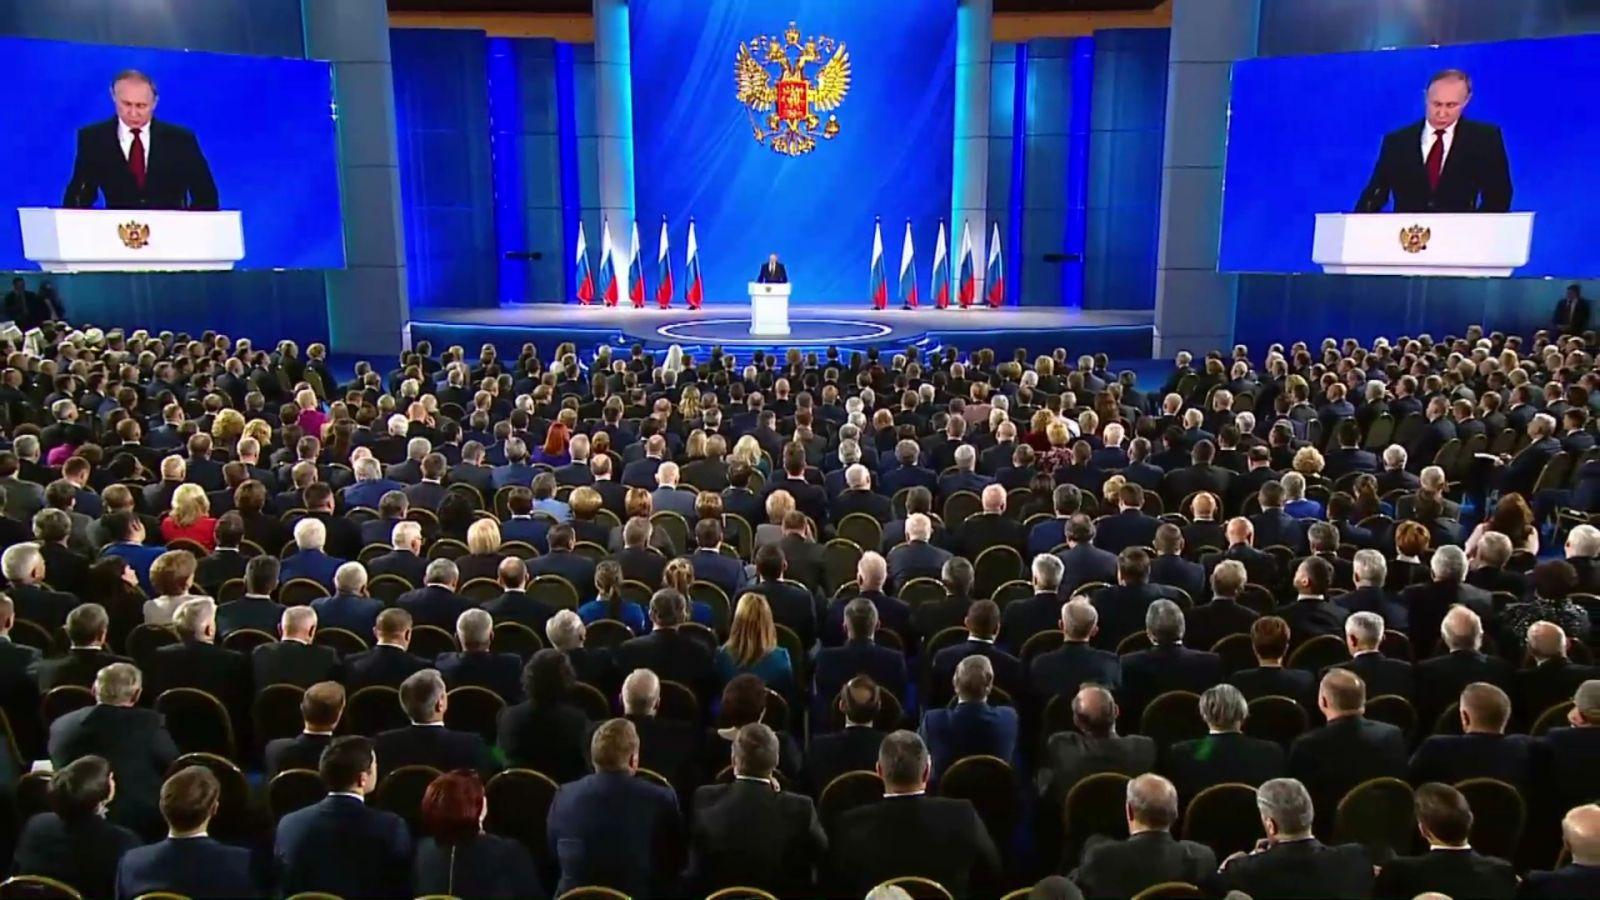 Путин: около 60% выпускников школ сможет поступить на бюджетные места в вузах